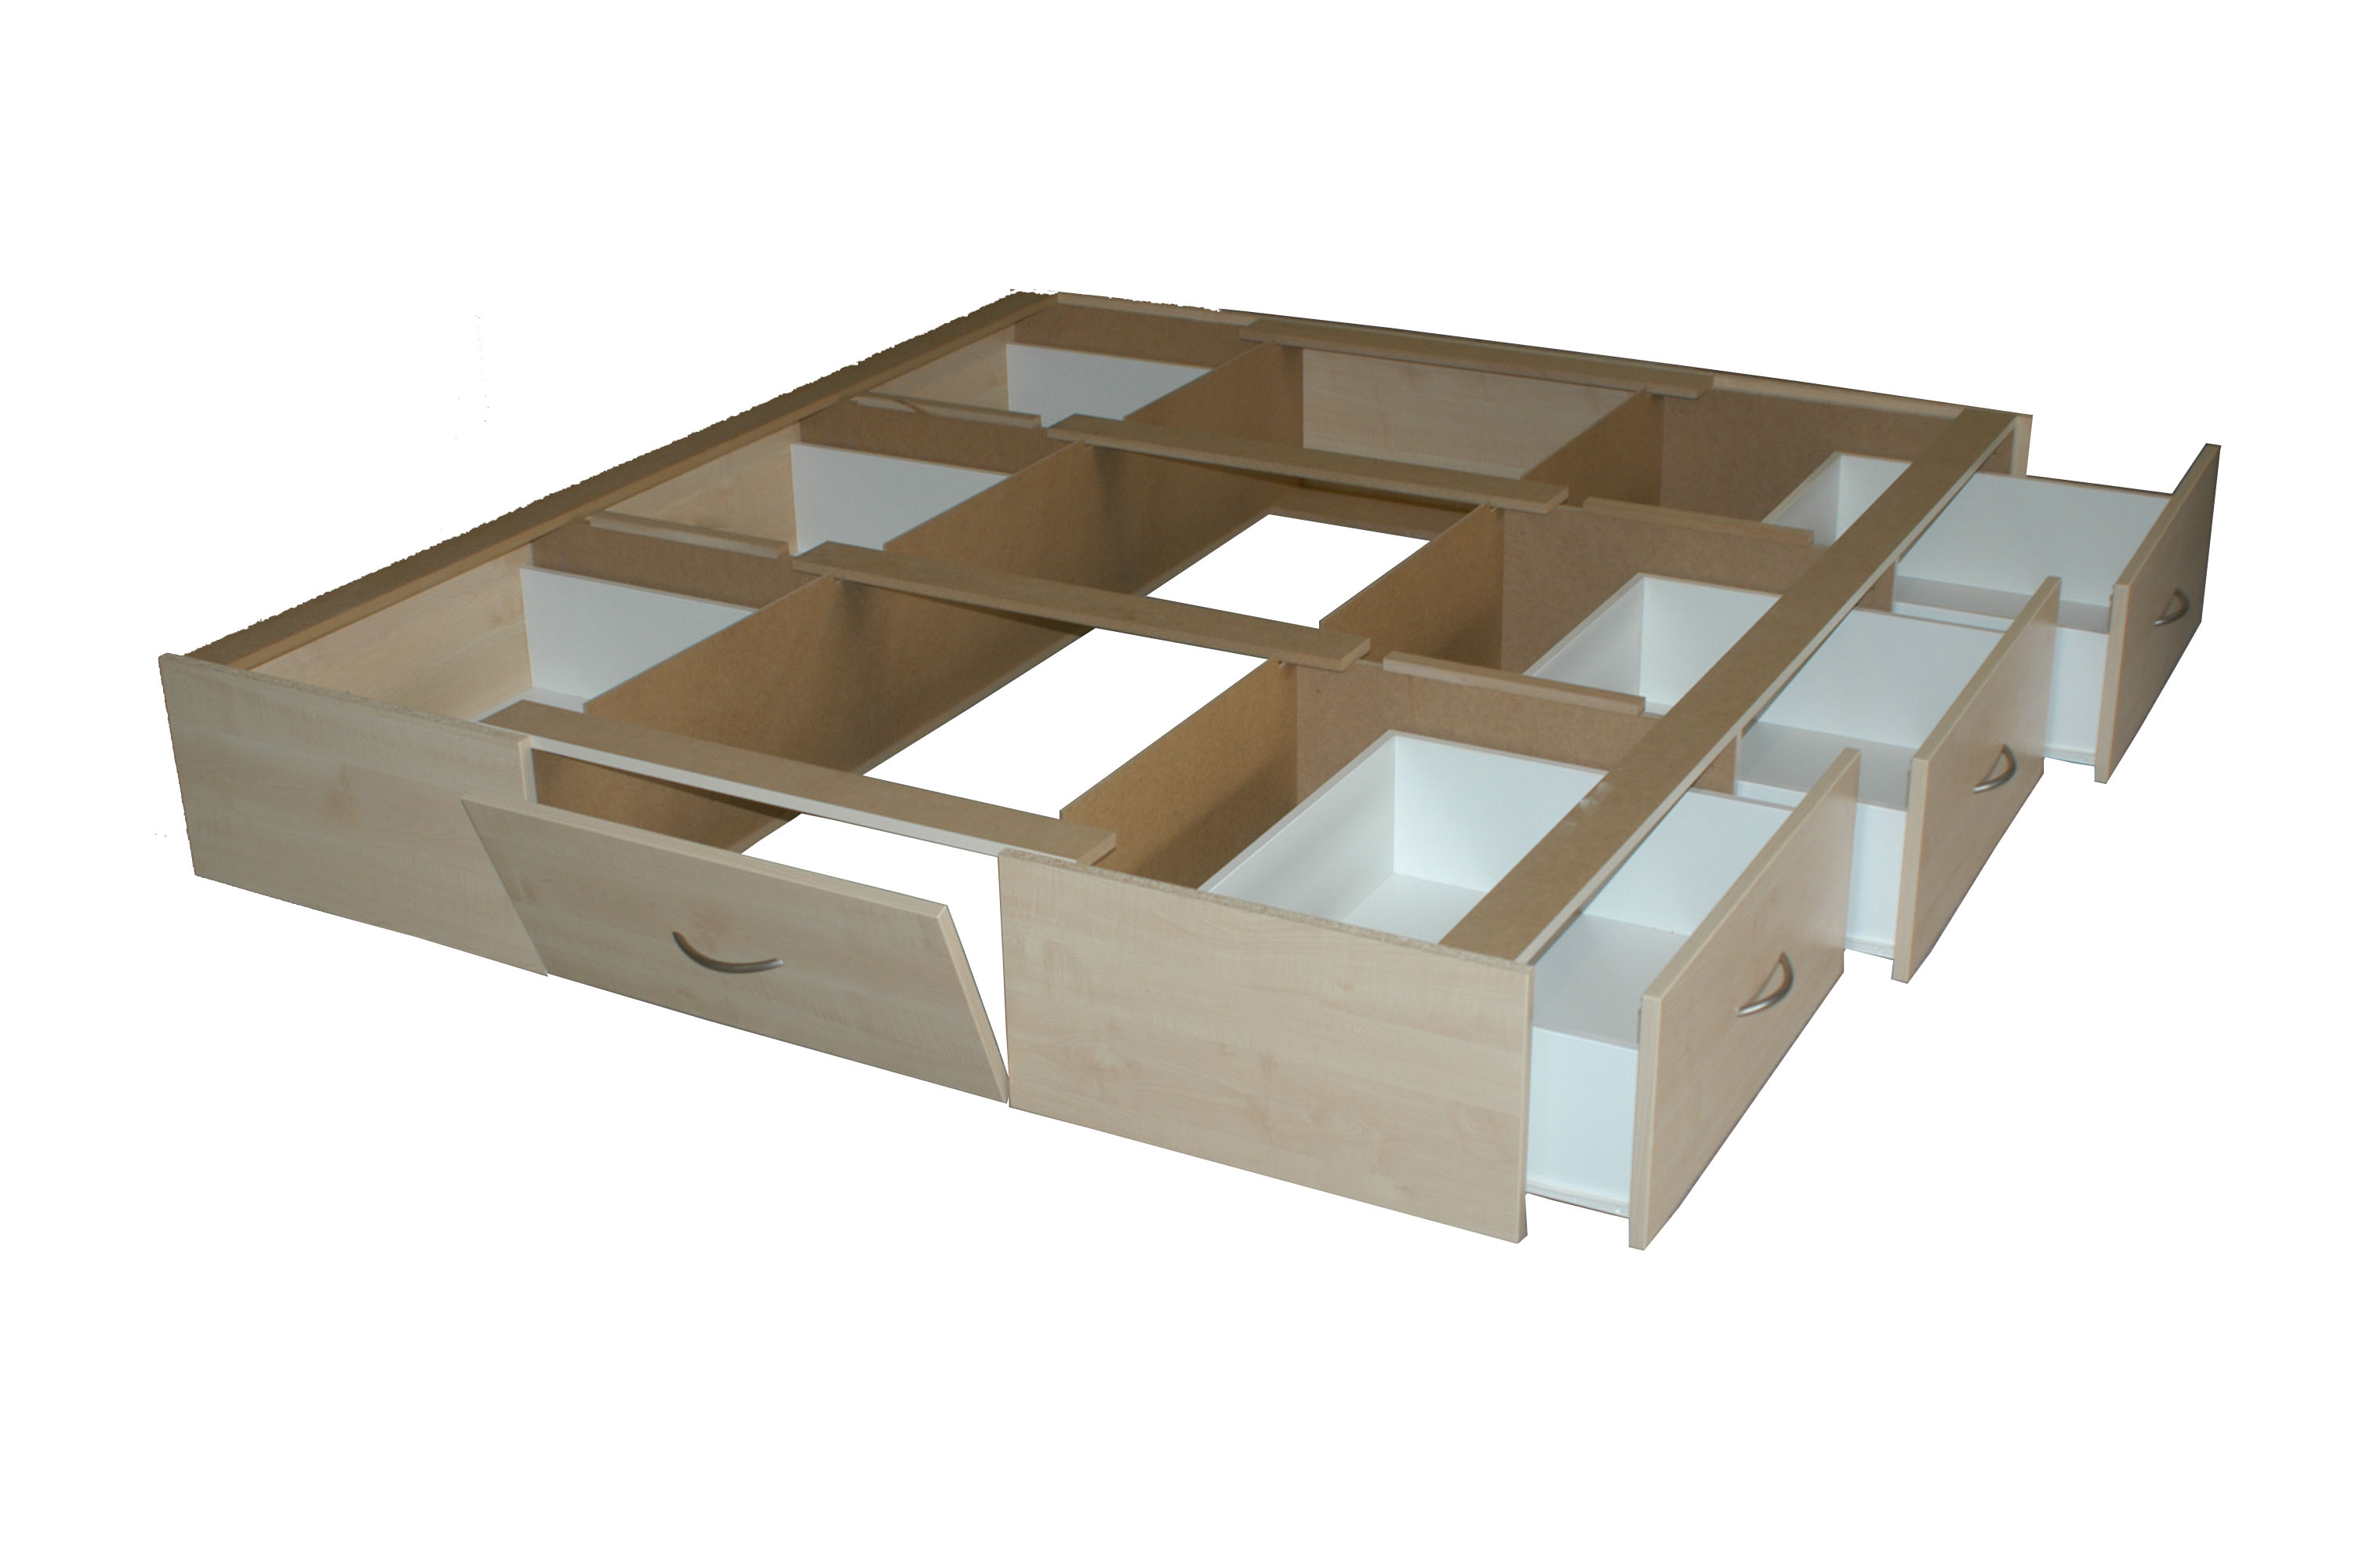 Wasserbett aufbau  Wasserbett DUAL mit 6-Schubladensockel, Bettrahmen & Kopfteil ...